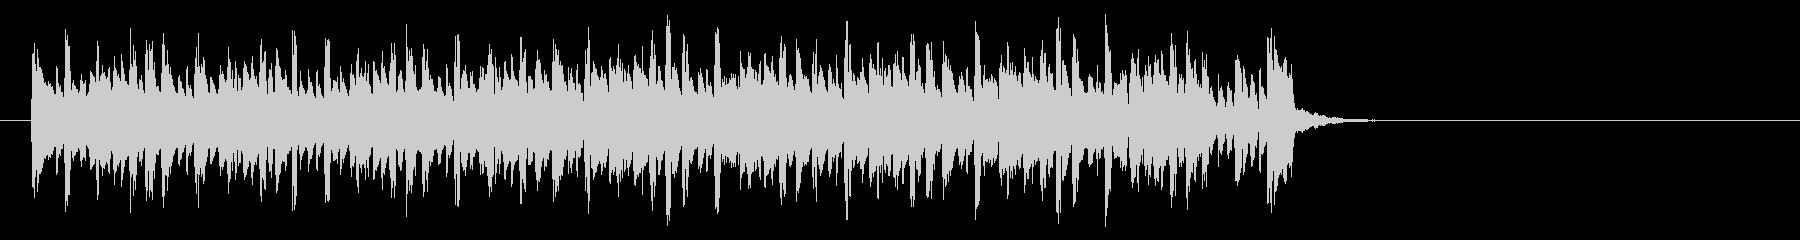 キャッチーなテクノポップ(イントロ)の未再生の波形